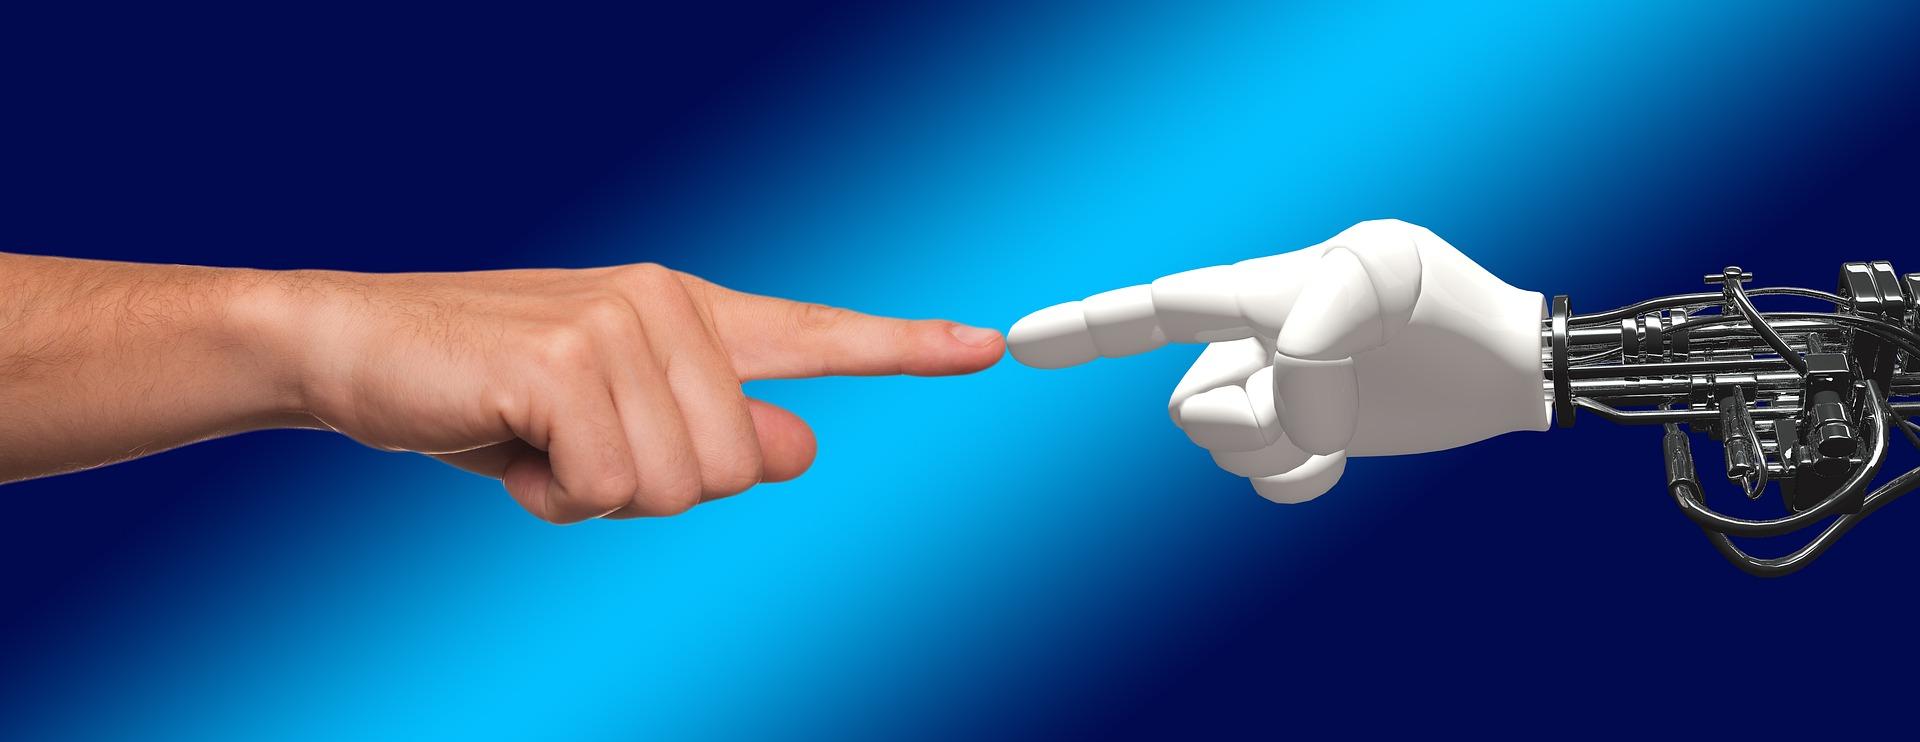 Obrázek: Umělá inteligence děsí odborníky i laiky, ale opravdu představuje hrozbu?